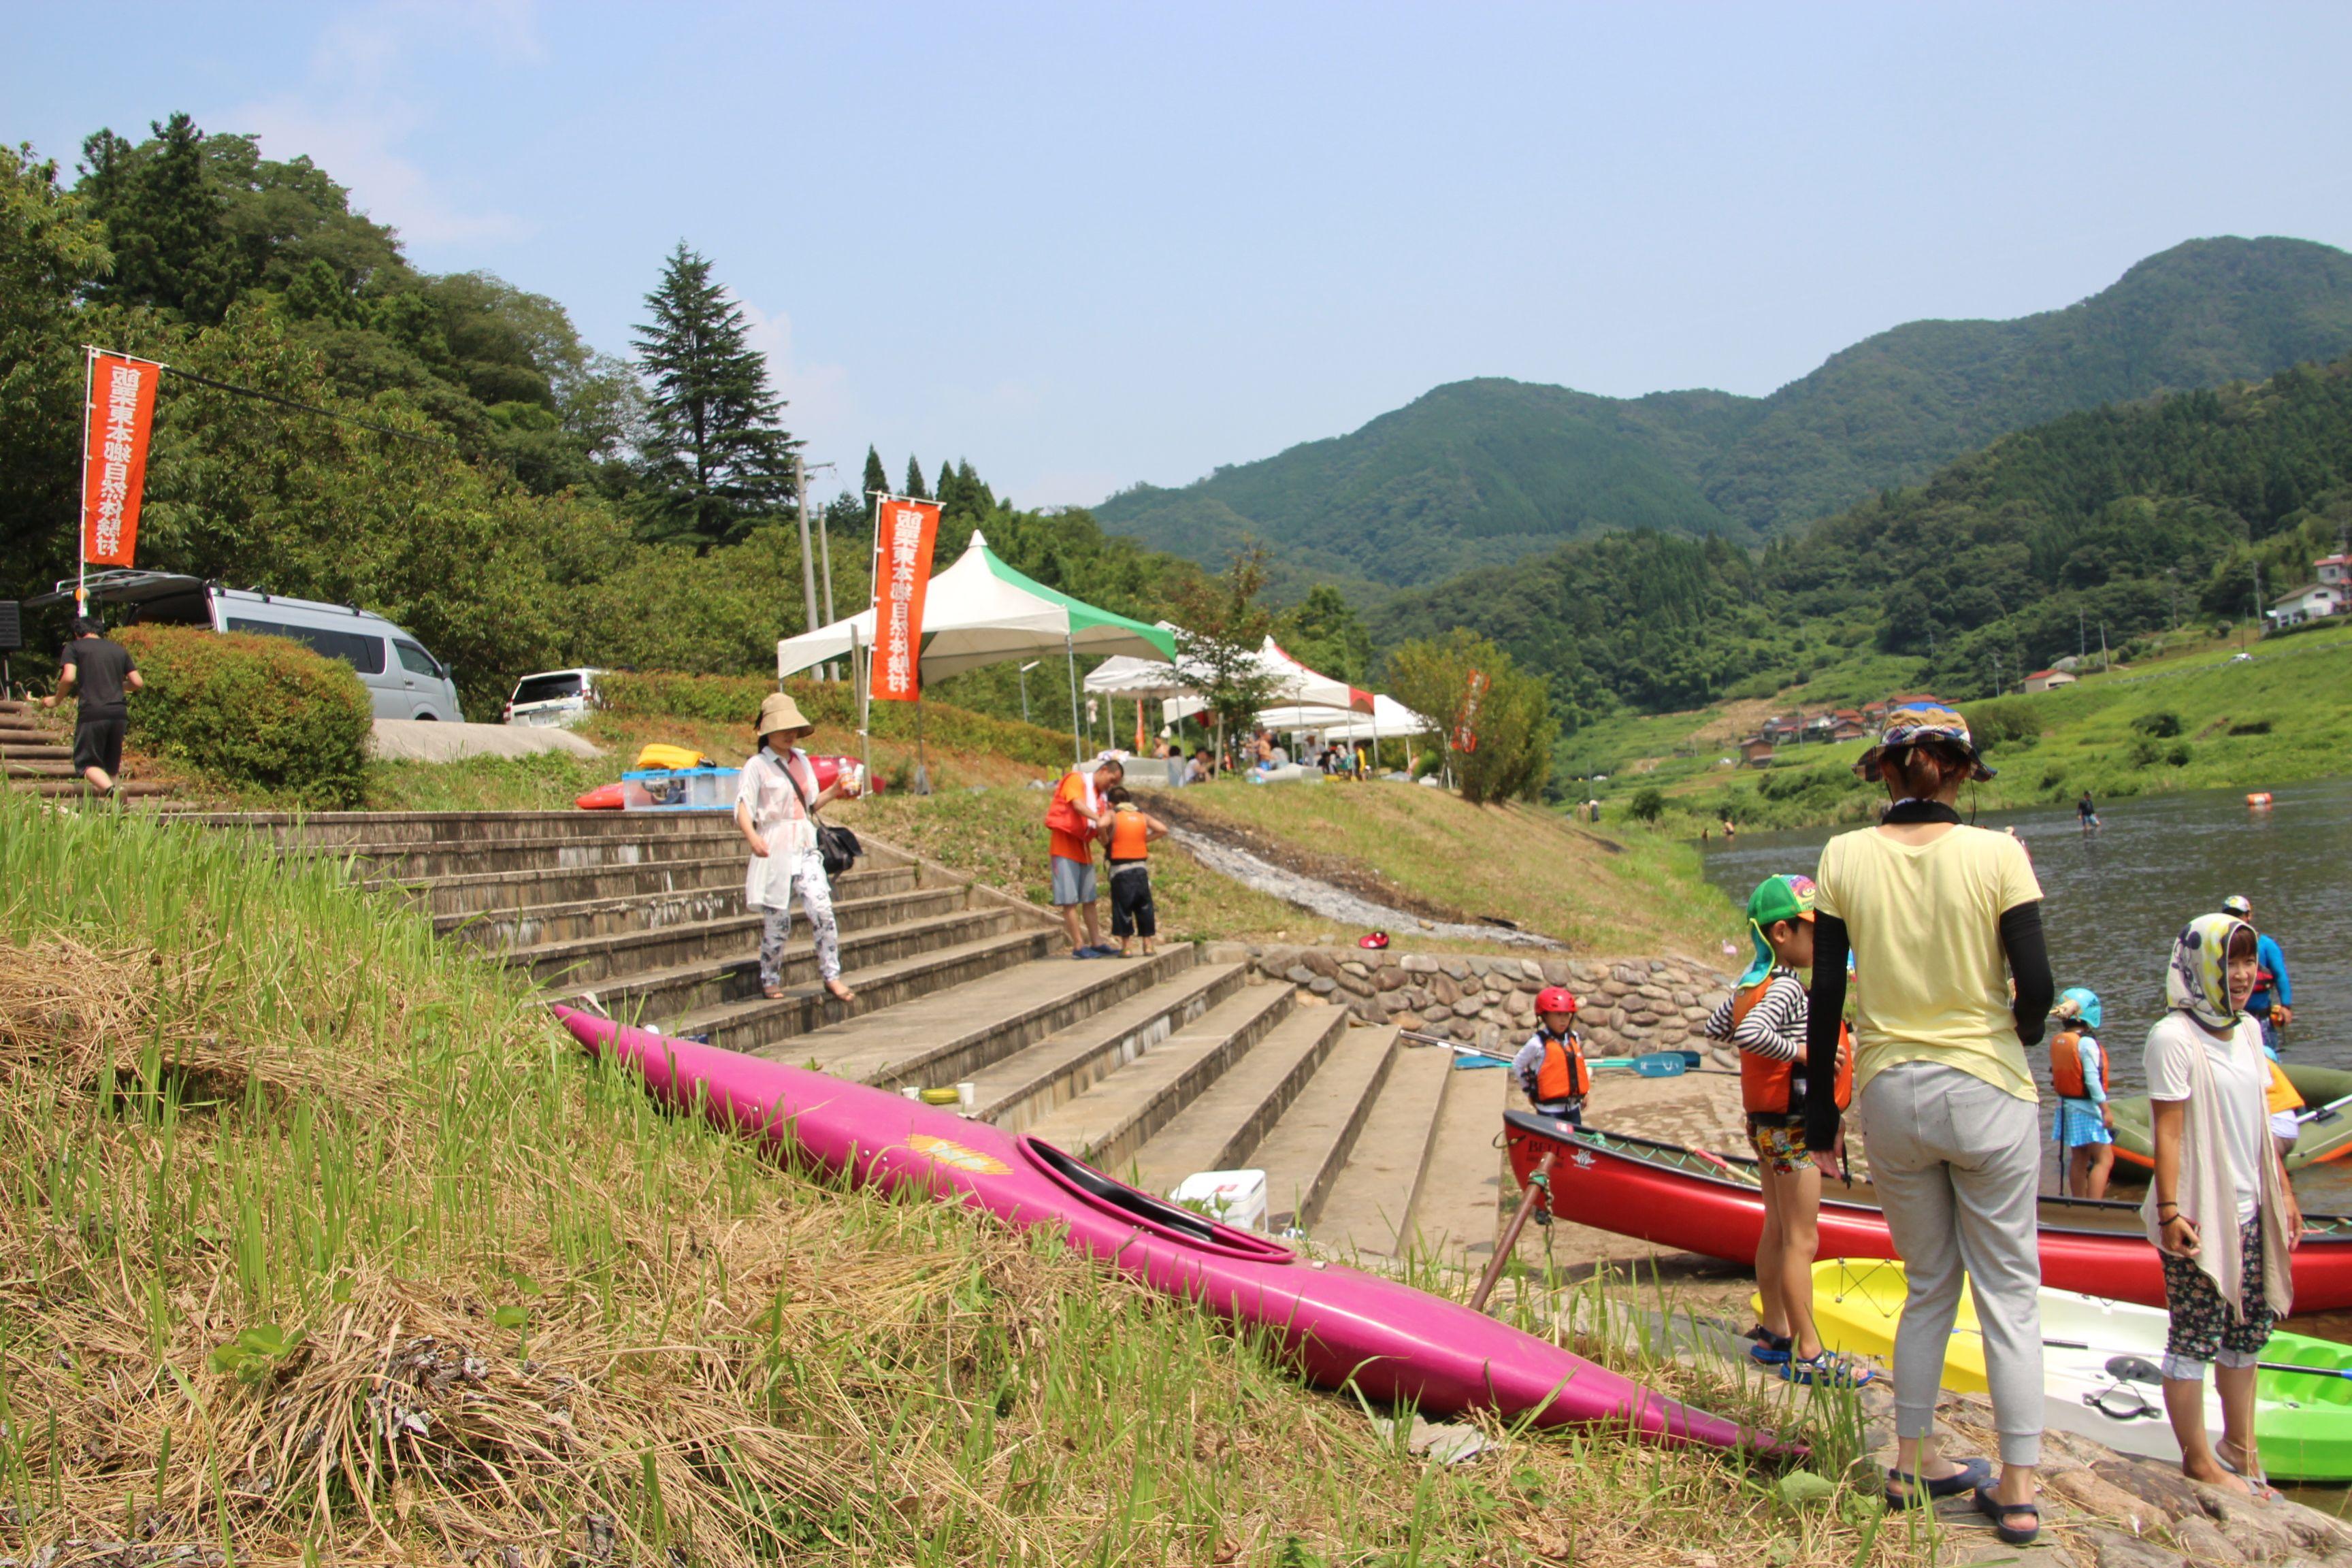 第21回神戸川川祭りは盛況に終了しました。